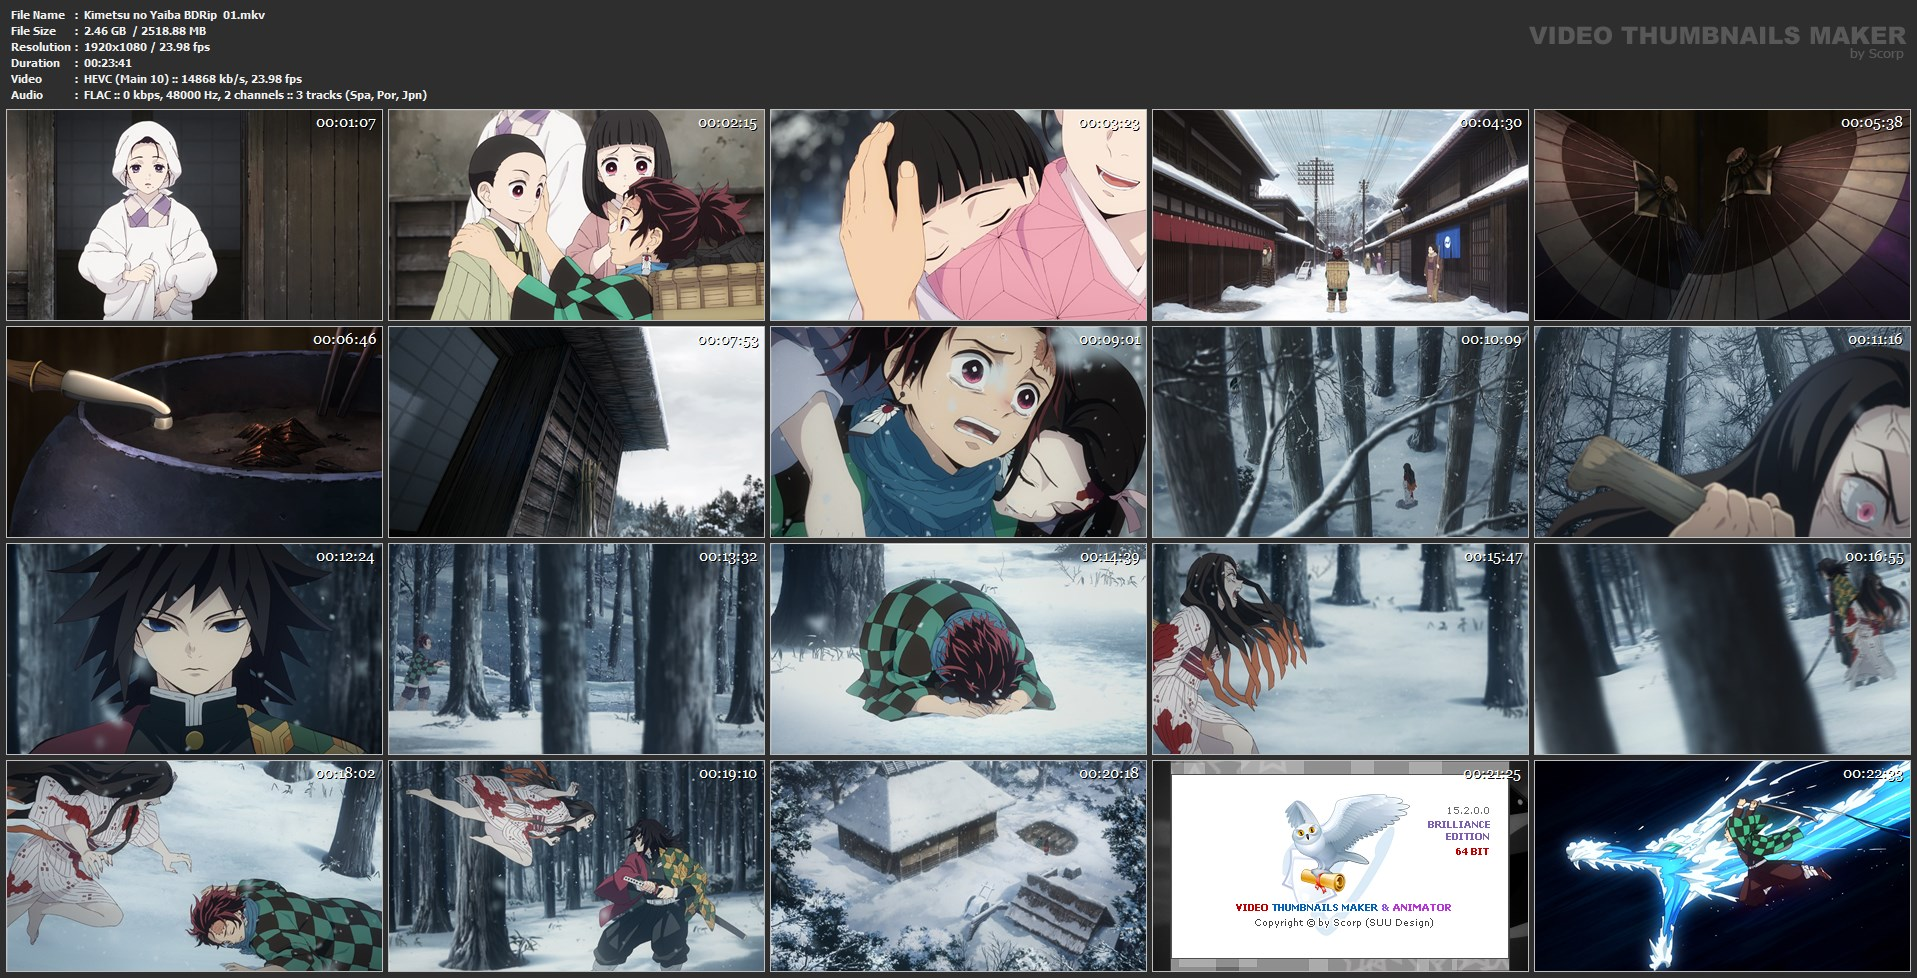 Kimetsu-no-Yaiba-BDRip-01-mkv